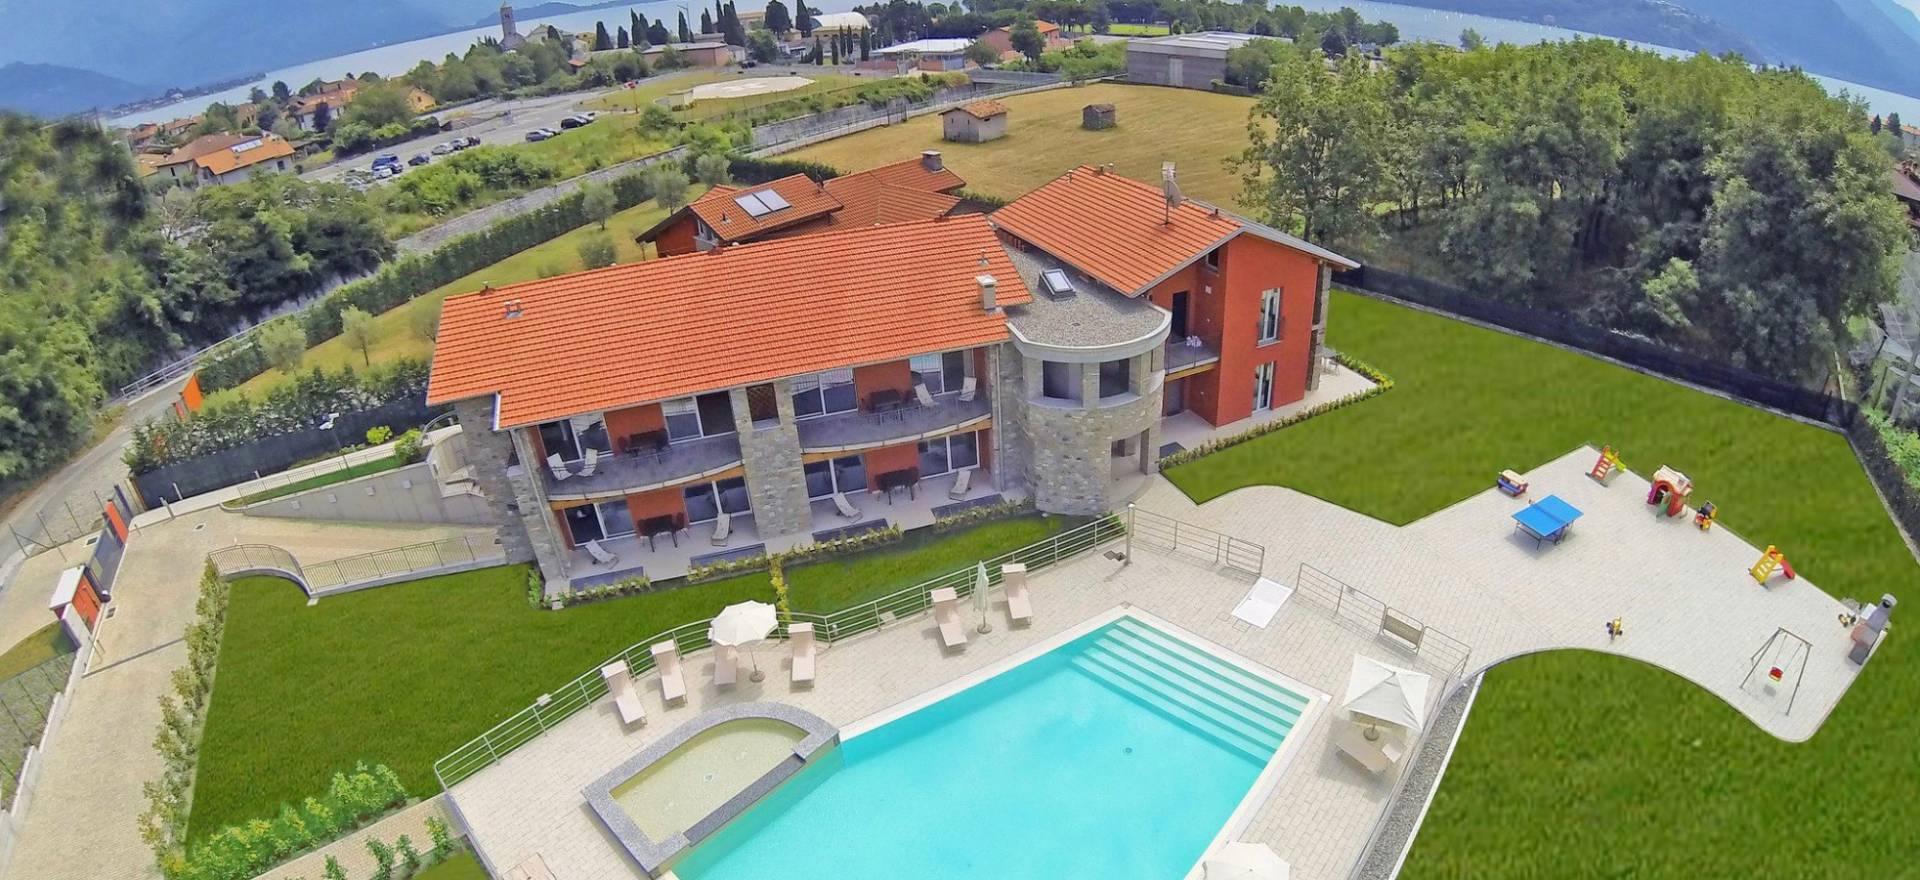 Agriturismo Comomeer en Gardameer Residence Comomeer, mooi zwembad en familievriendelijk